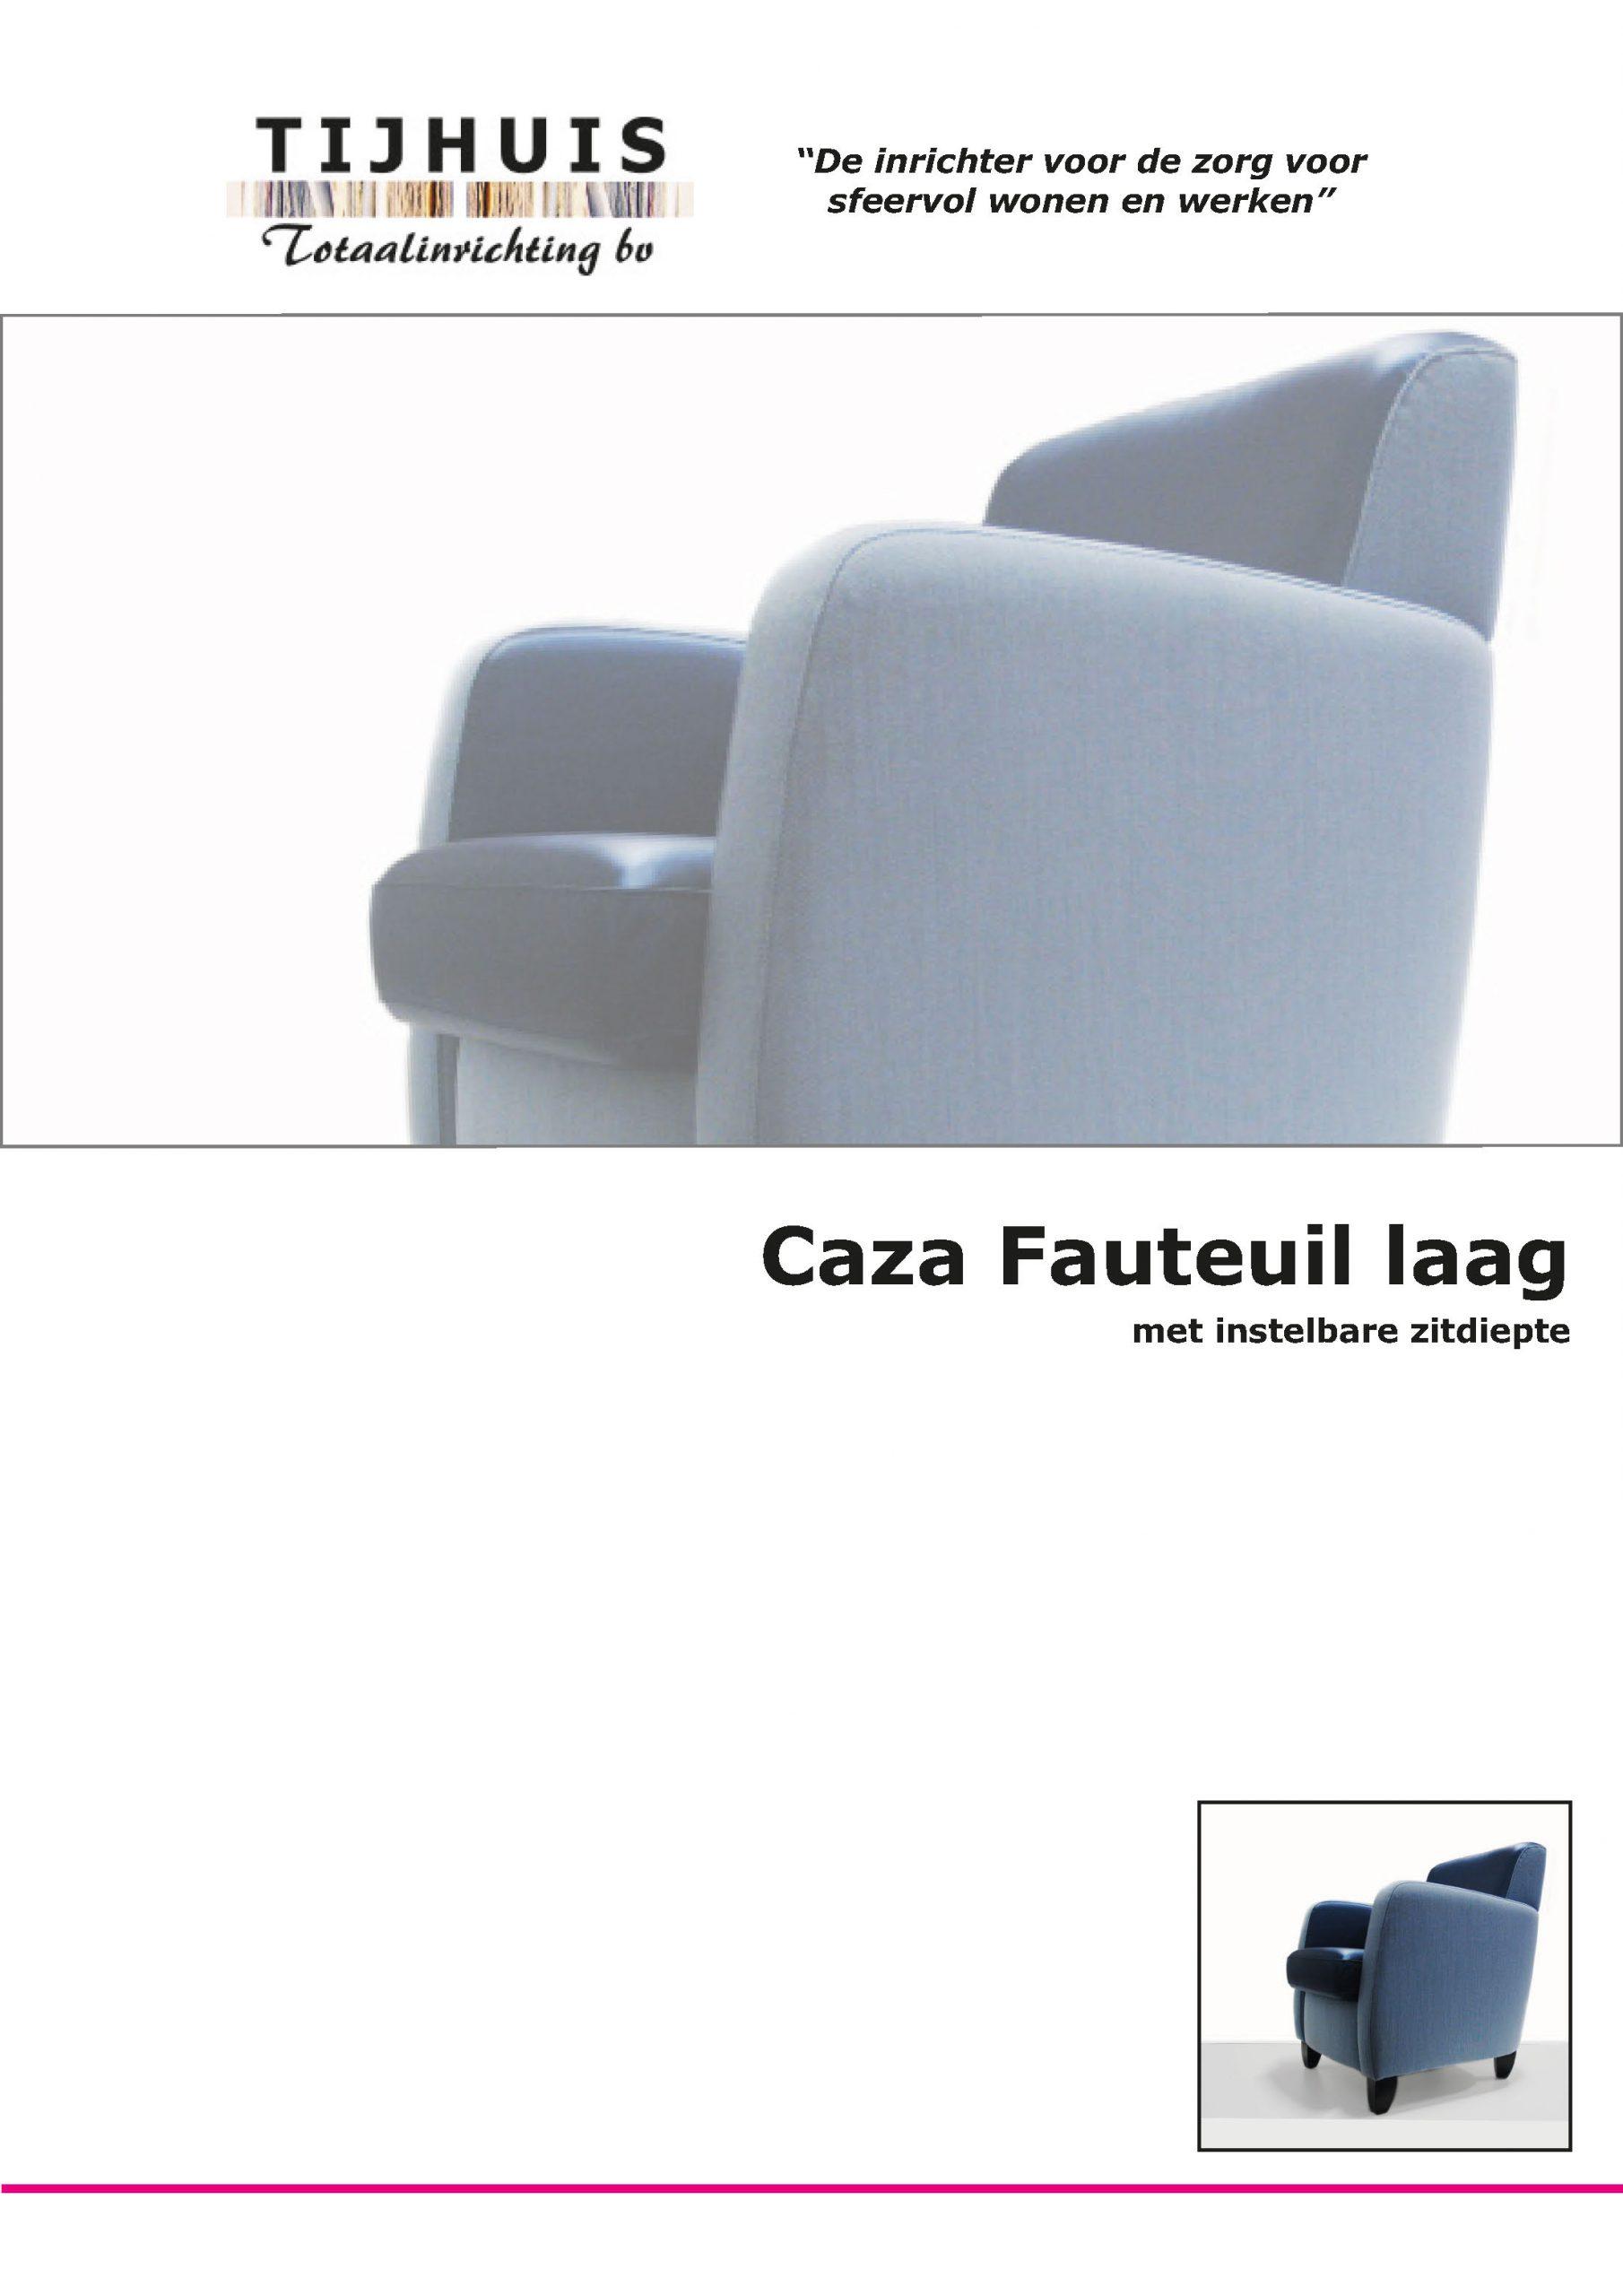 caza_L blauw_Pagina_1